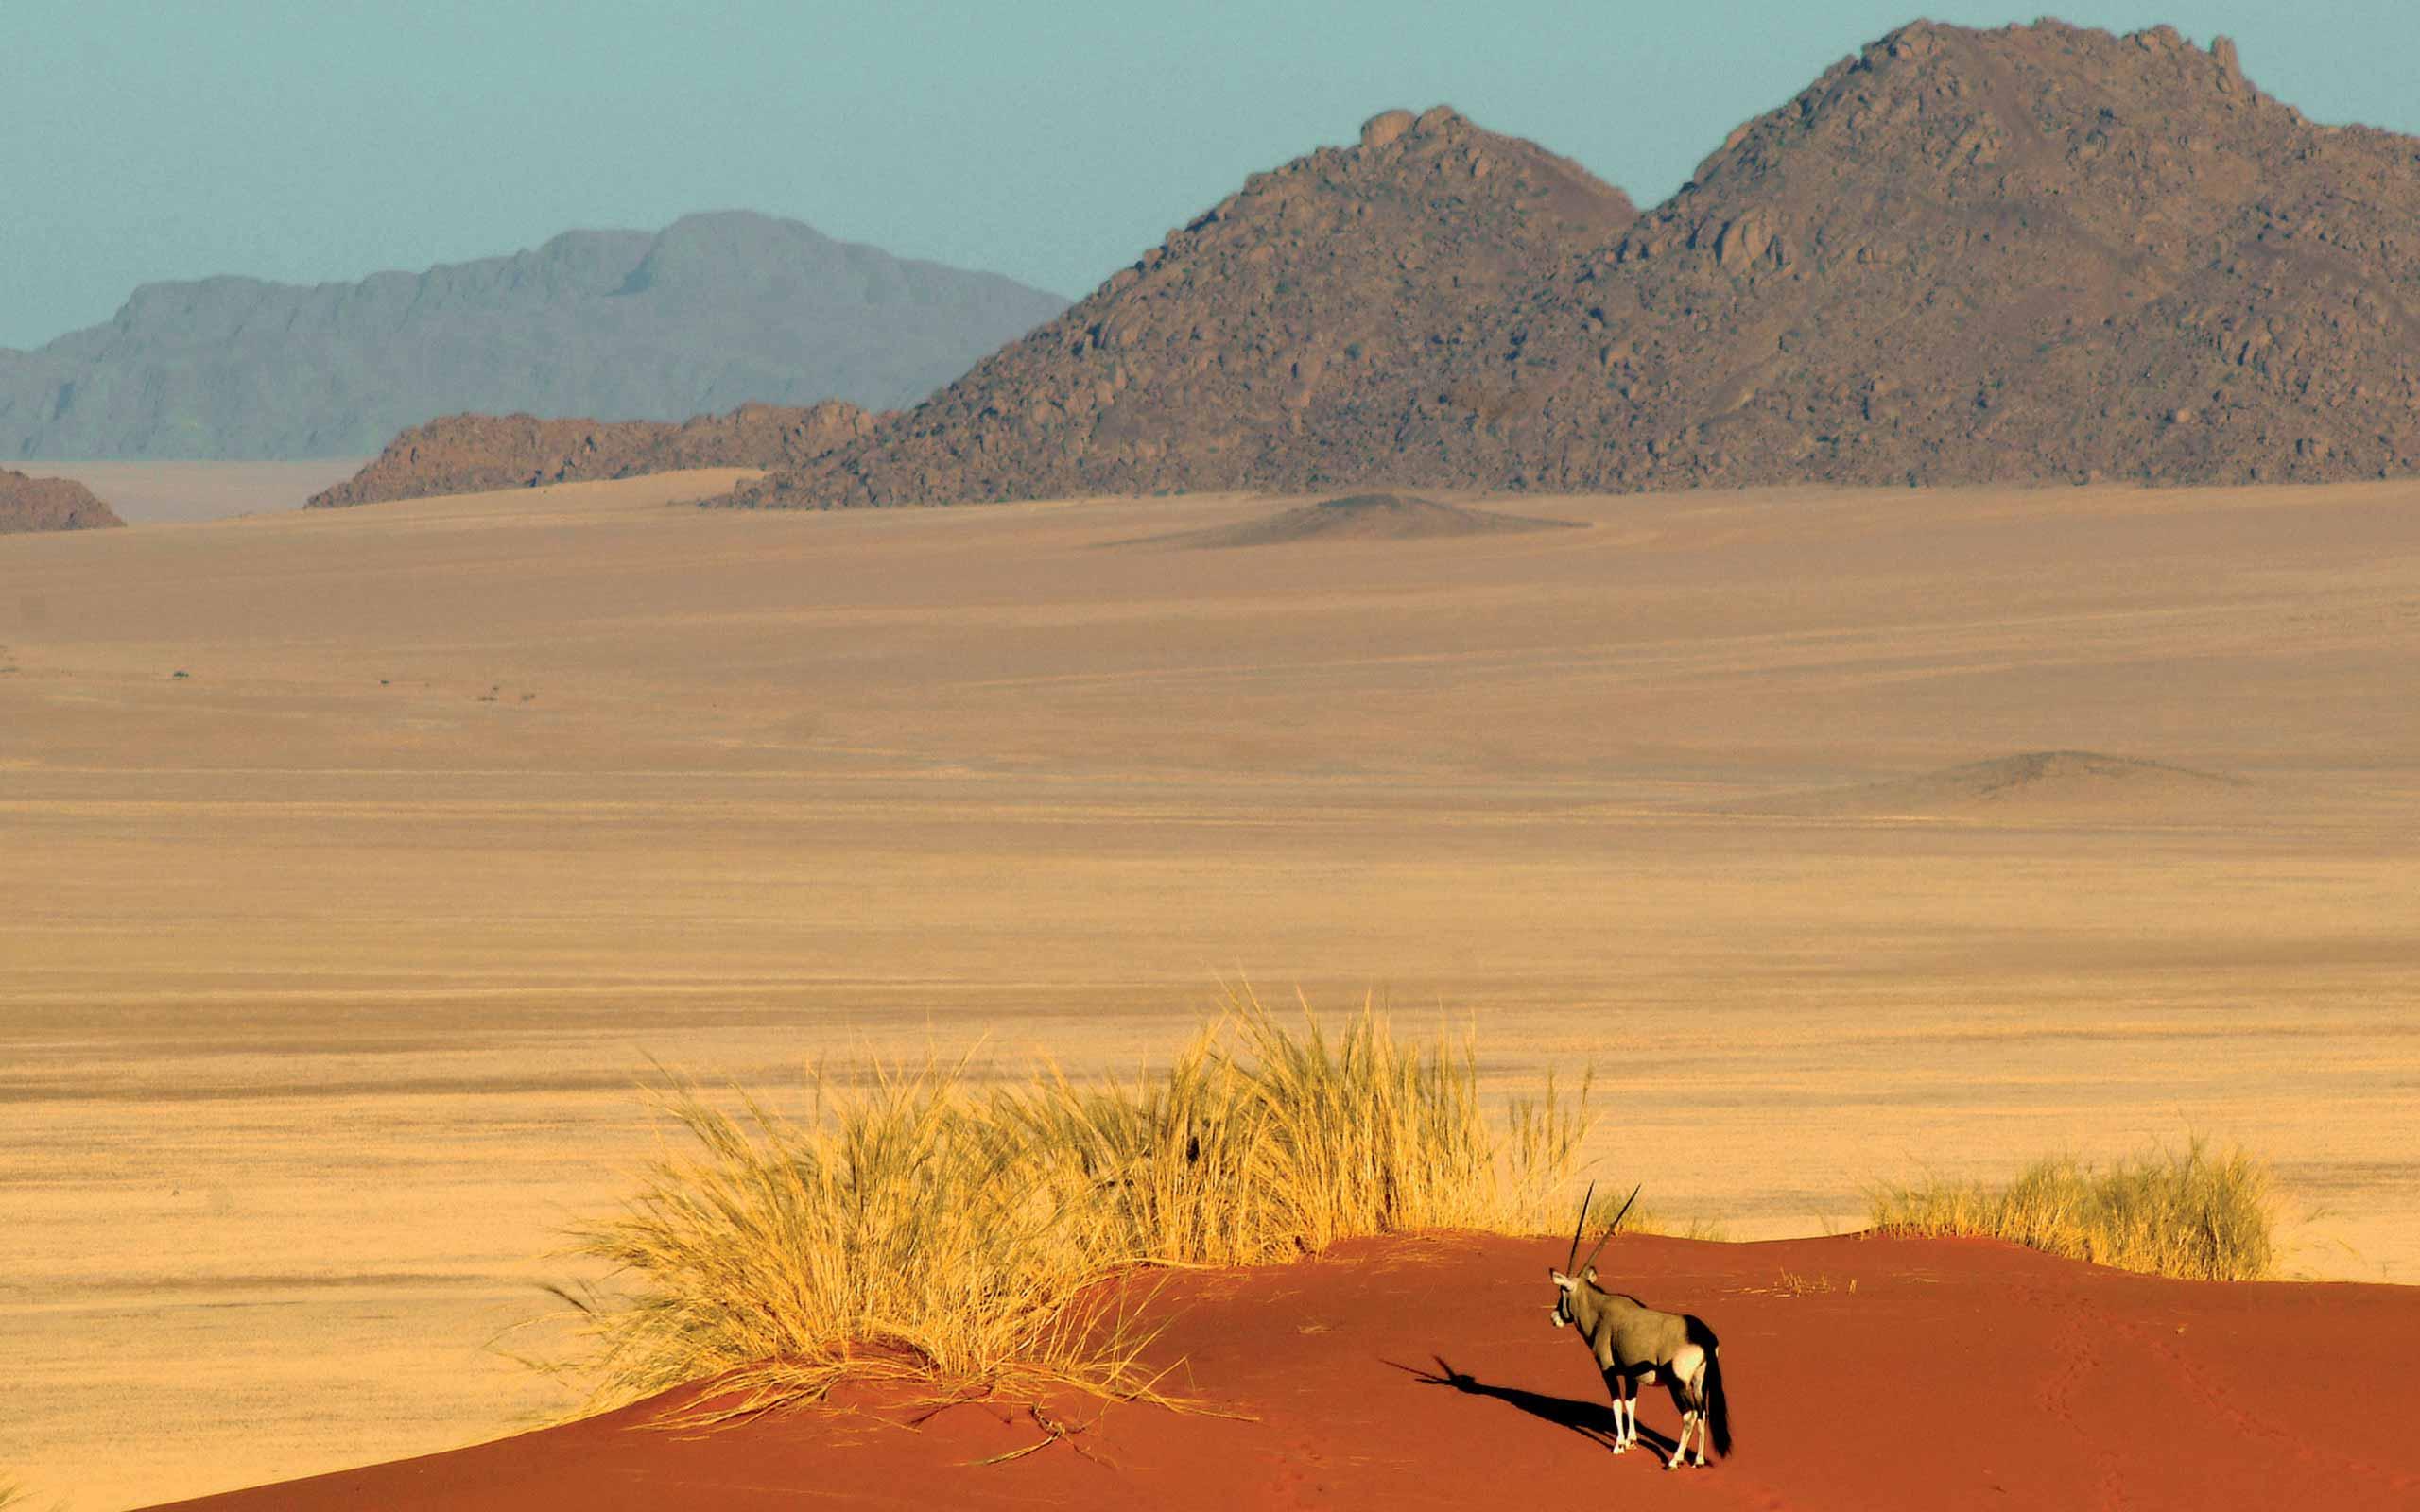 enkosi-africa-safari-namibia-namibrand-wolwedans-landscape-oryx